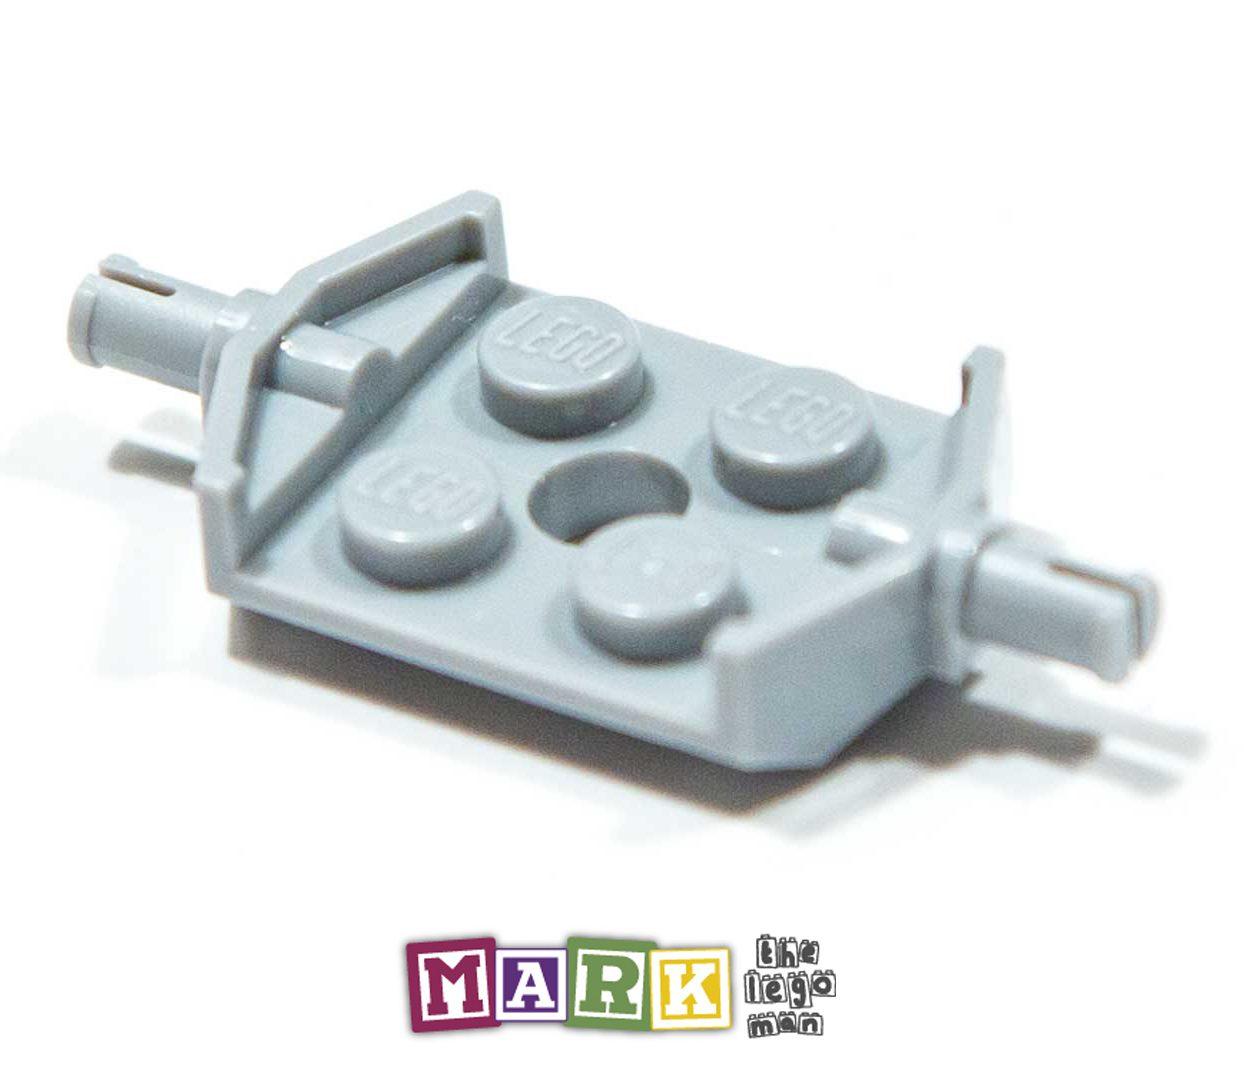 New Lego 6157 2x2,2/3 Bearing Element, Wheel Base 4211569